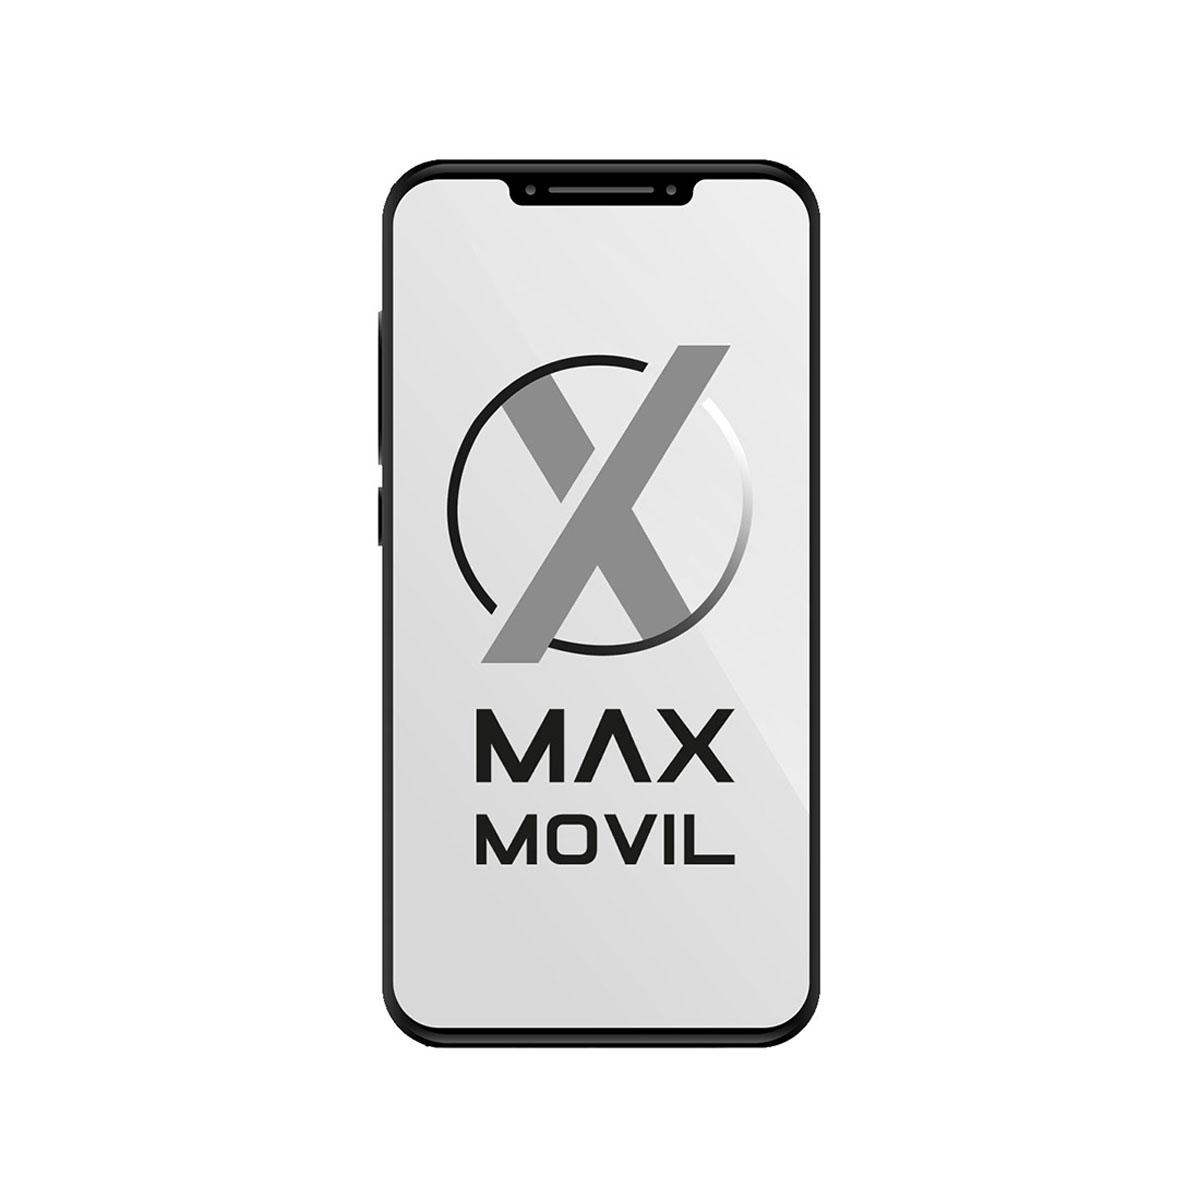 Adaptador de corriente USB-C de 20W Blanco de Muvit